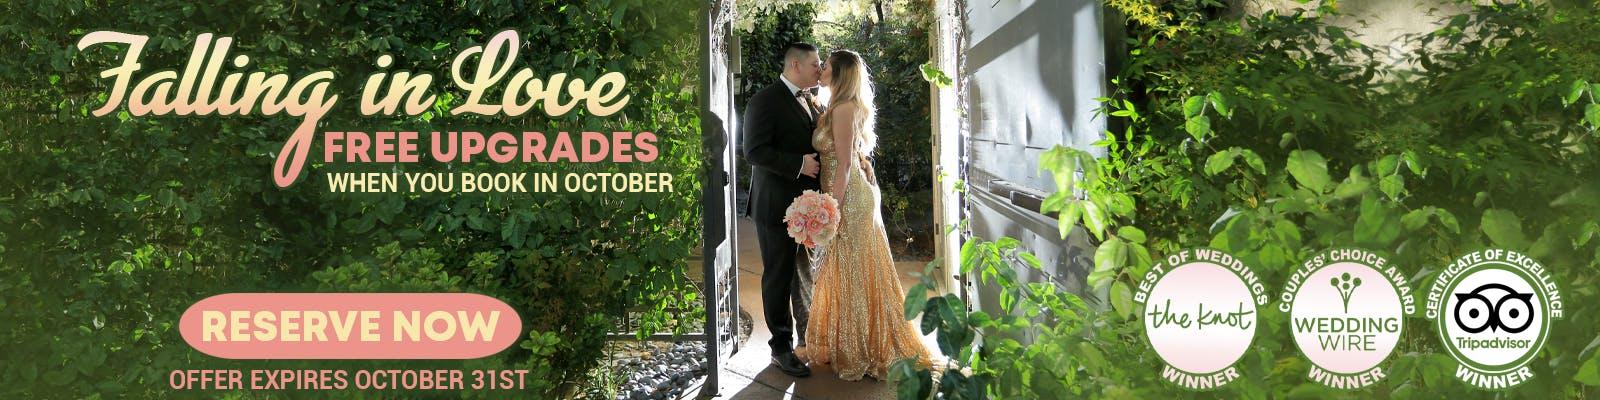 Las Vegas Weddings Wedding Specials